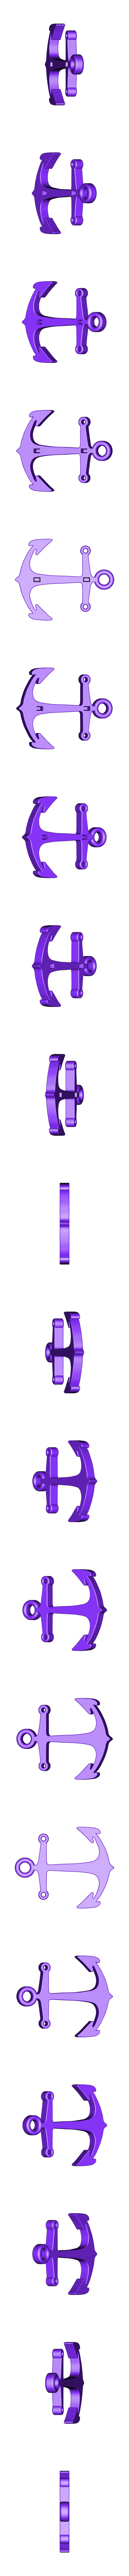 Anchor hook v5.stl Download STL file Anchor hook  • 3D print model, SirPalmBranch